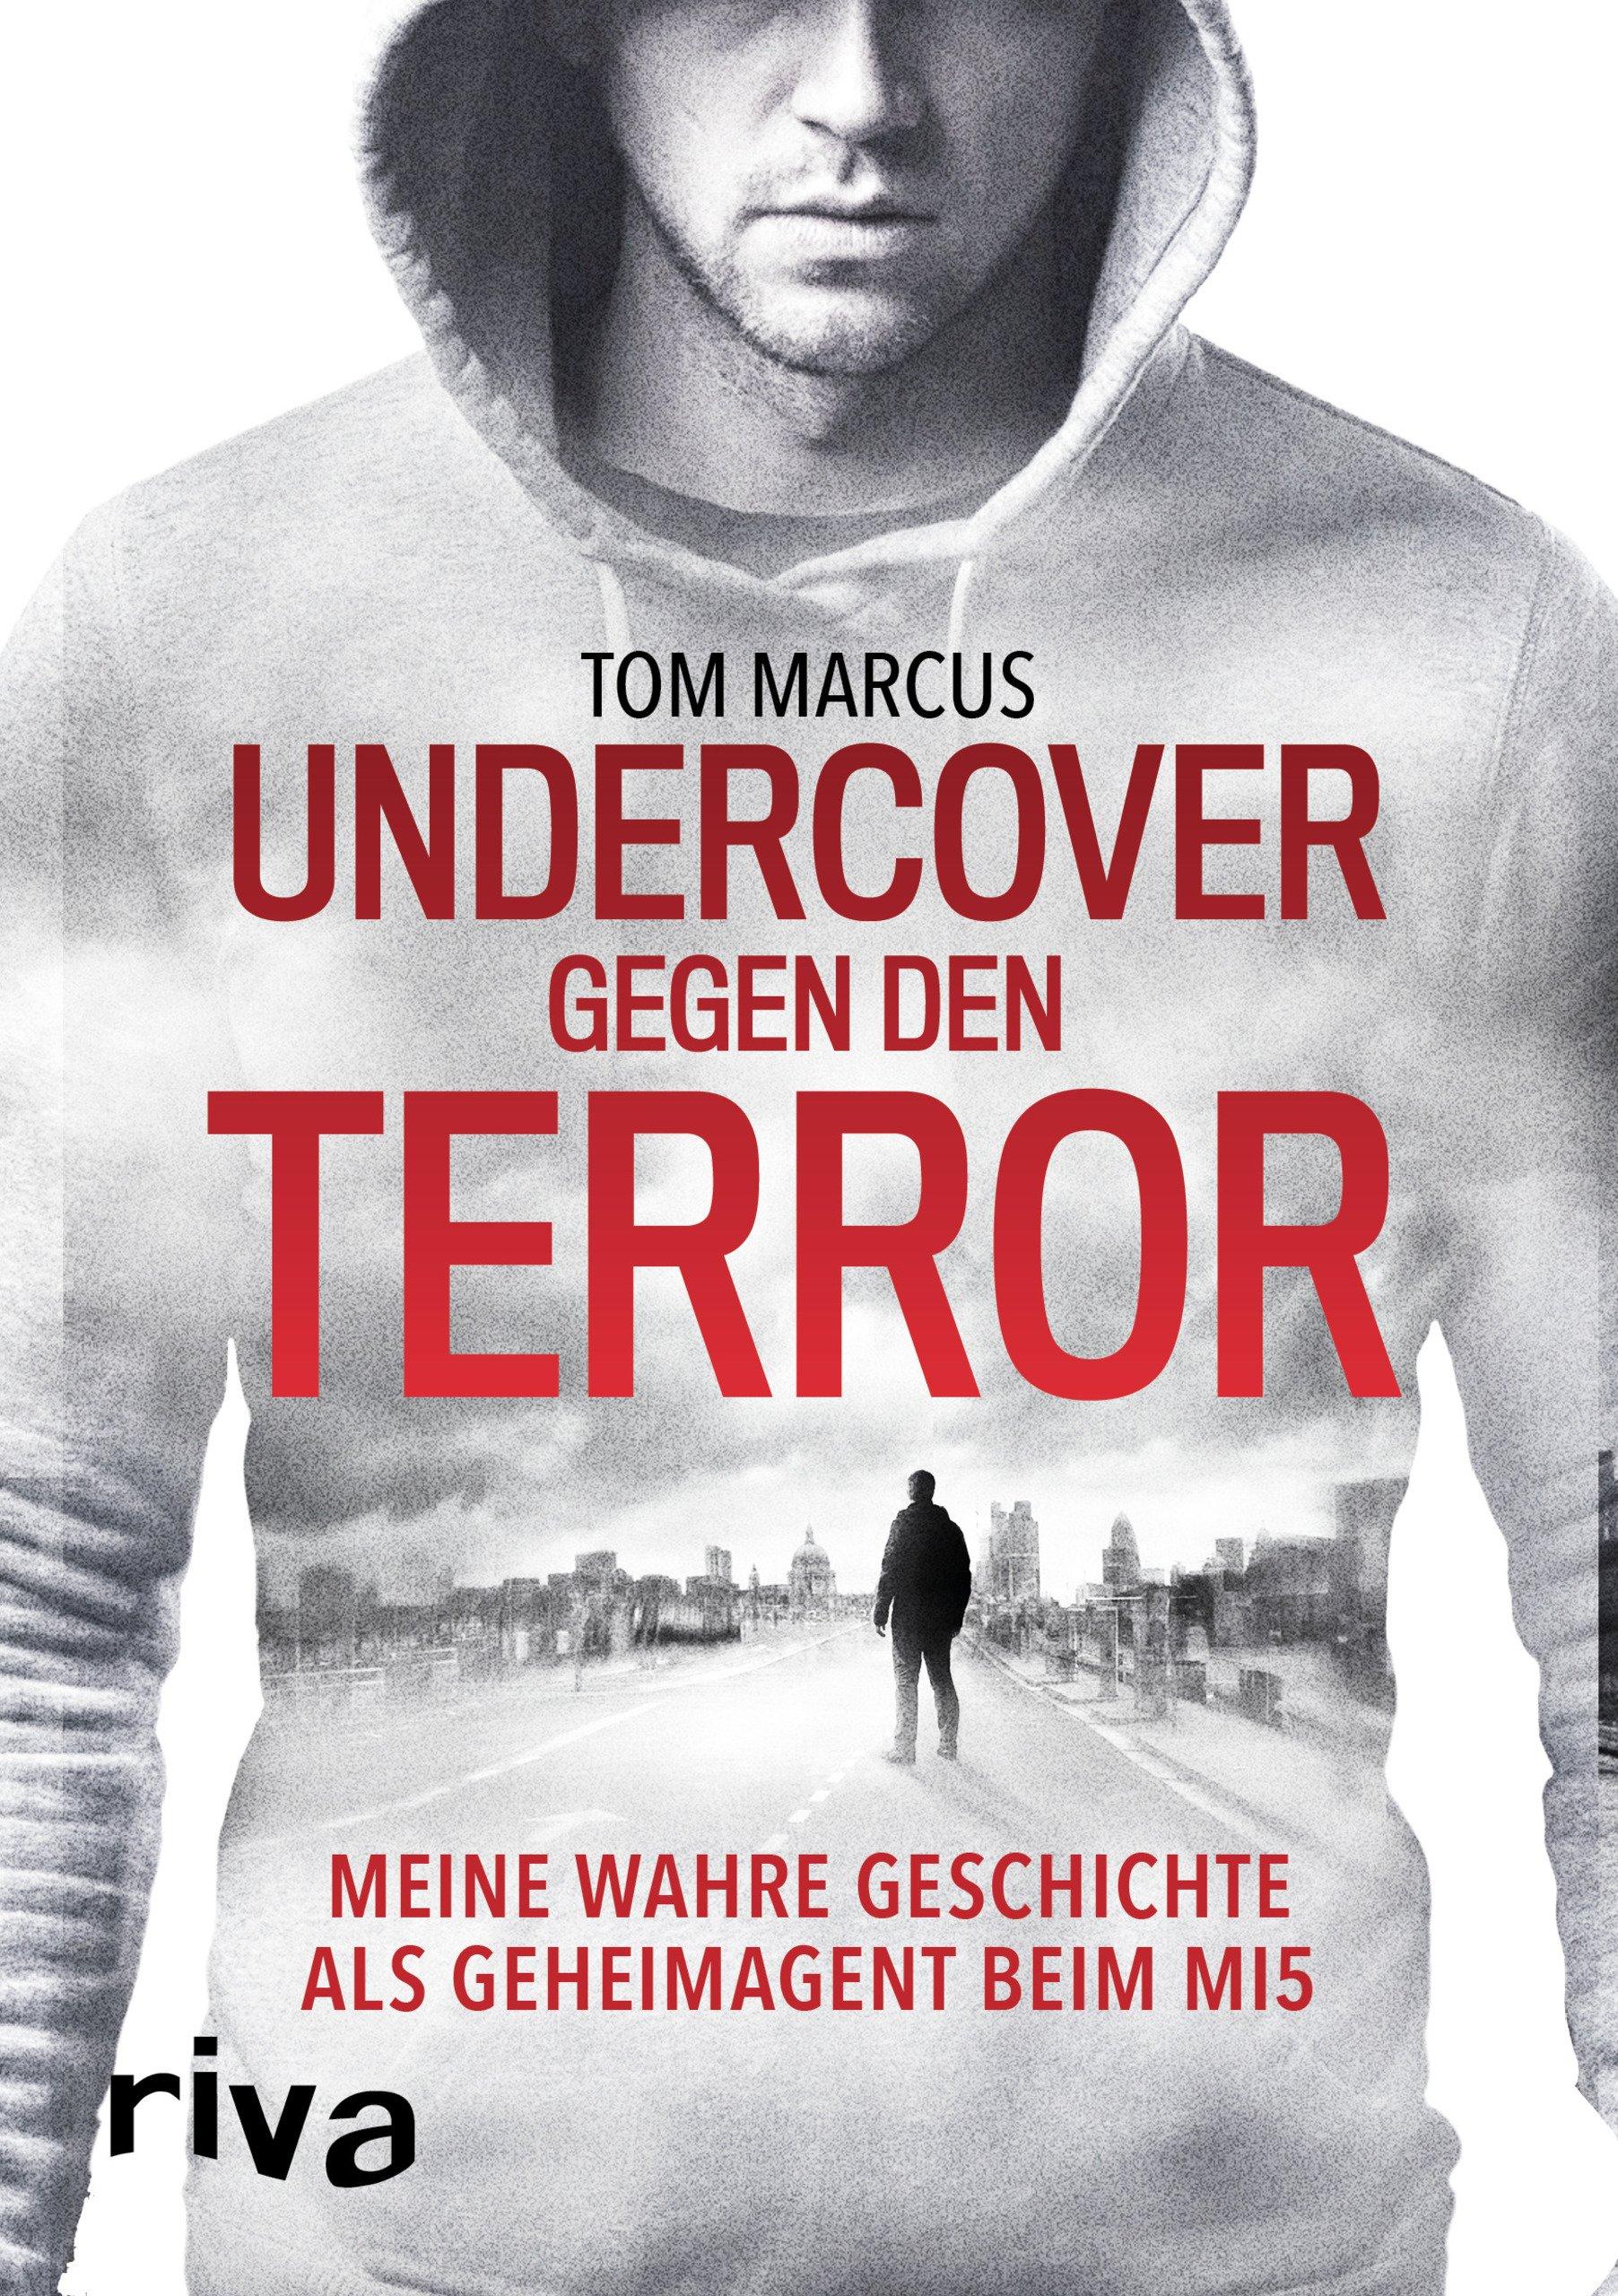 Undercover gegen den Terror: Meine wahre Geschichte als Geheimagent beim MI5 Gebundenes Buch – 14. August 2017 Tom Marcus Riva 374230187X Vereinigtes Königreich